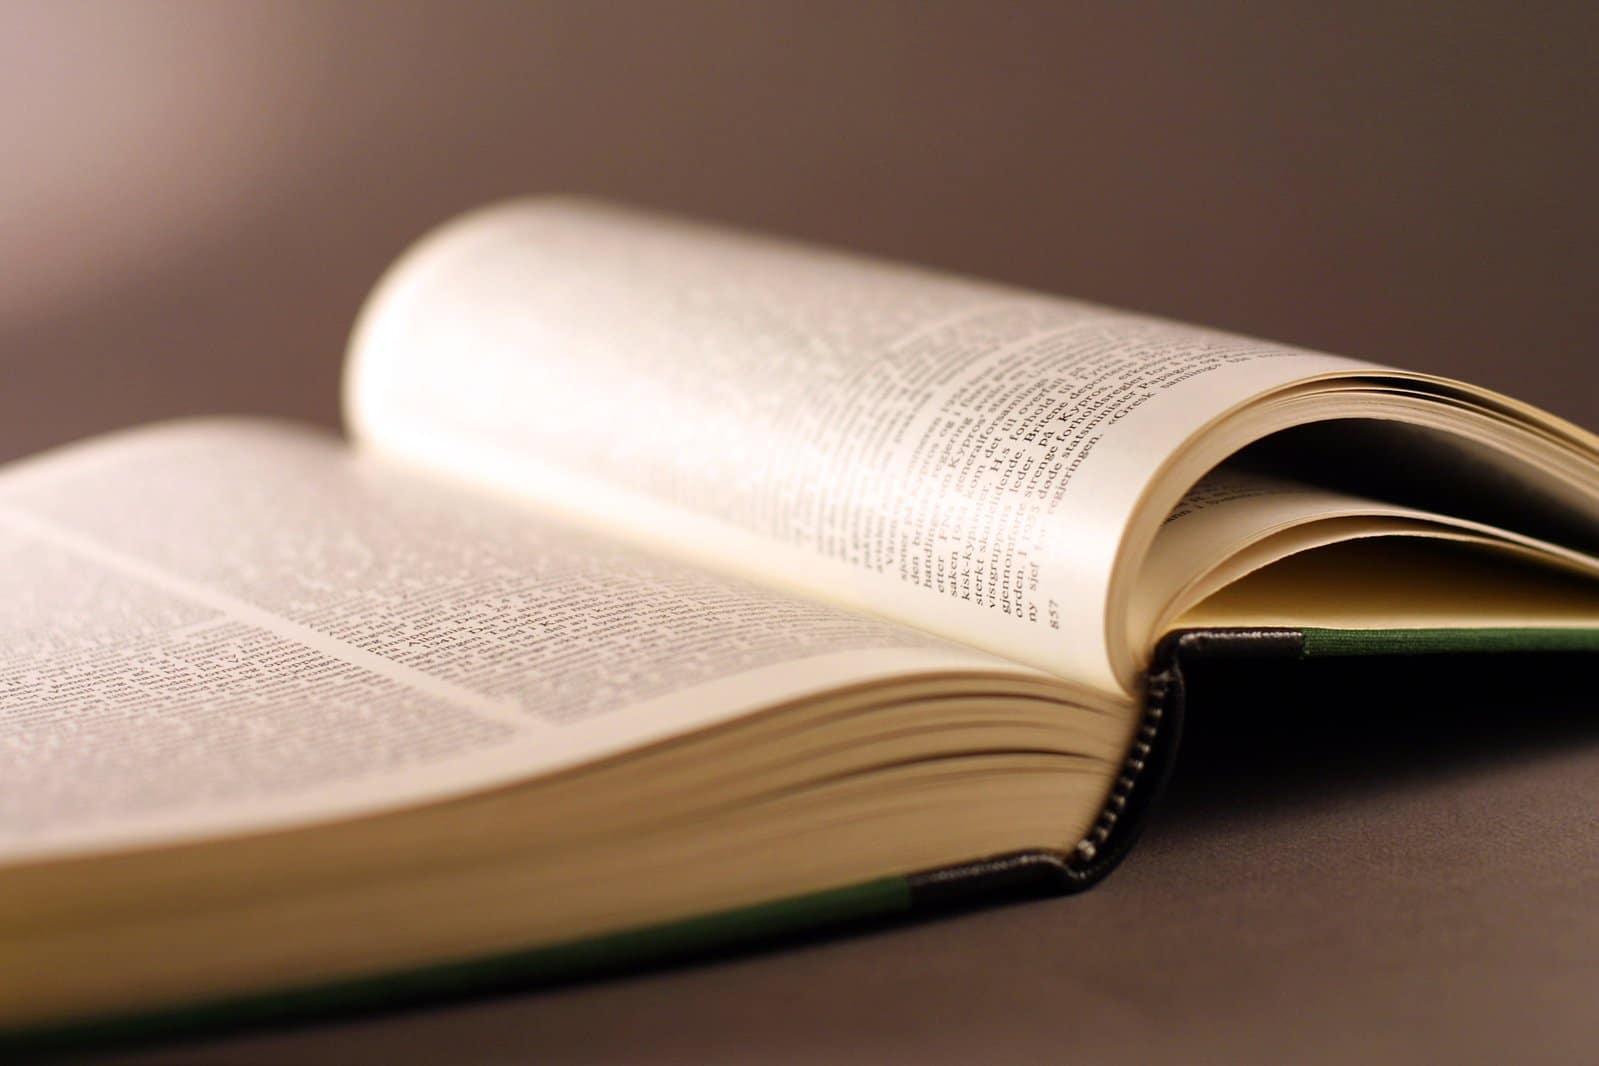 Bibliotēku darbības ierobežojumi turpinās līdz 7.februārim